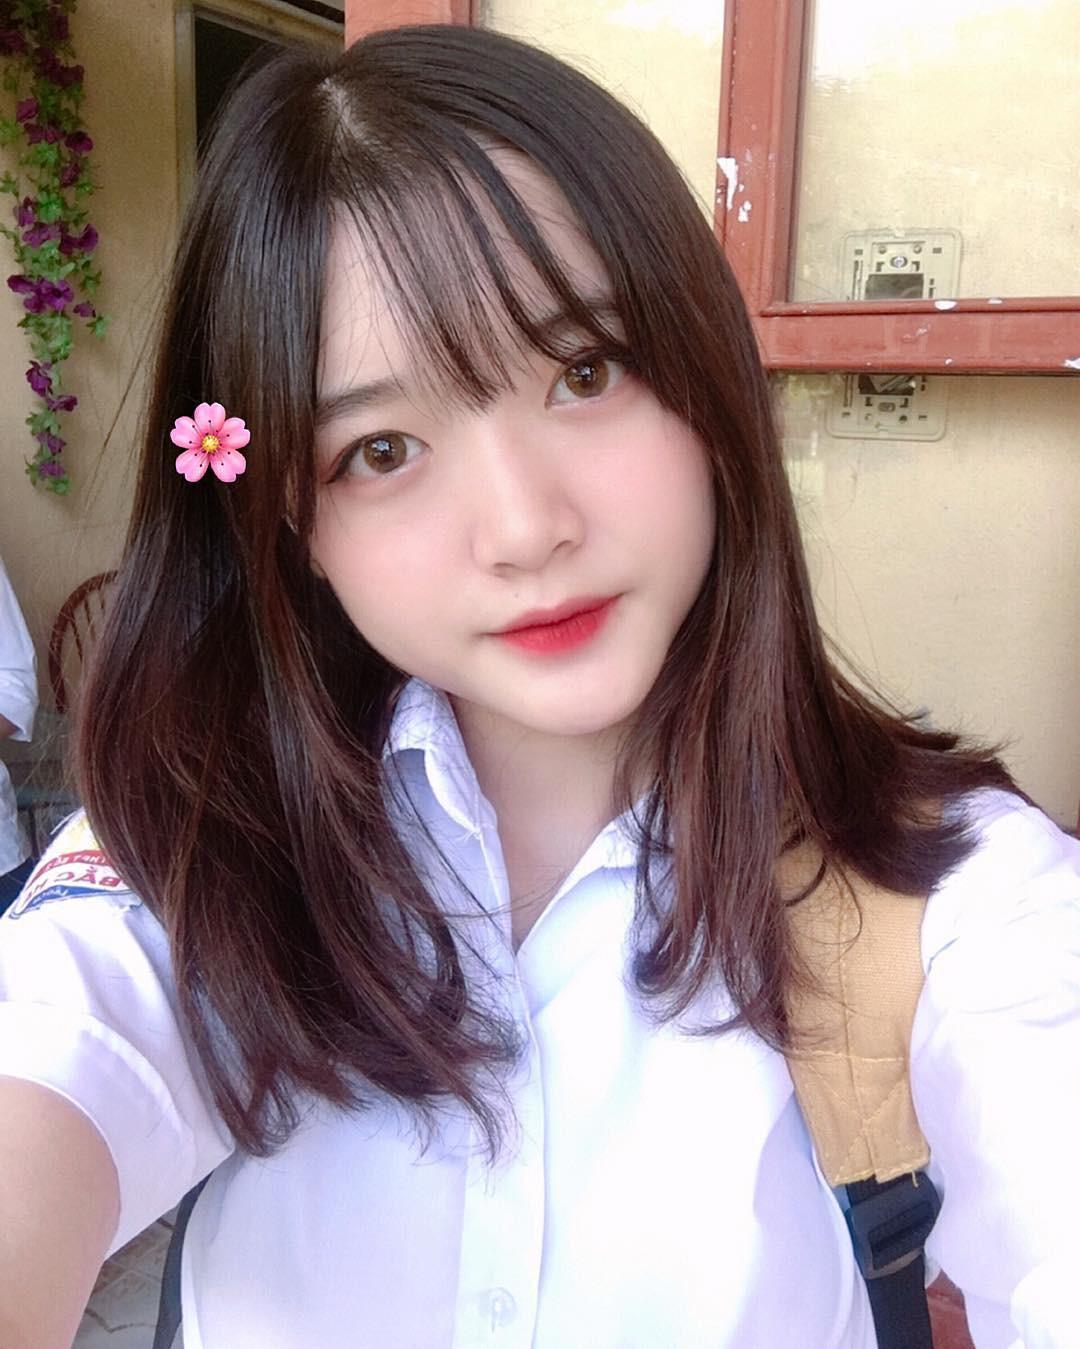 Cô bạn Lào Cai sinh năm 2001 sở hữu loạt biểu cảm không yêu không được trên TikTok - Ảnh 9.